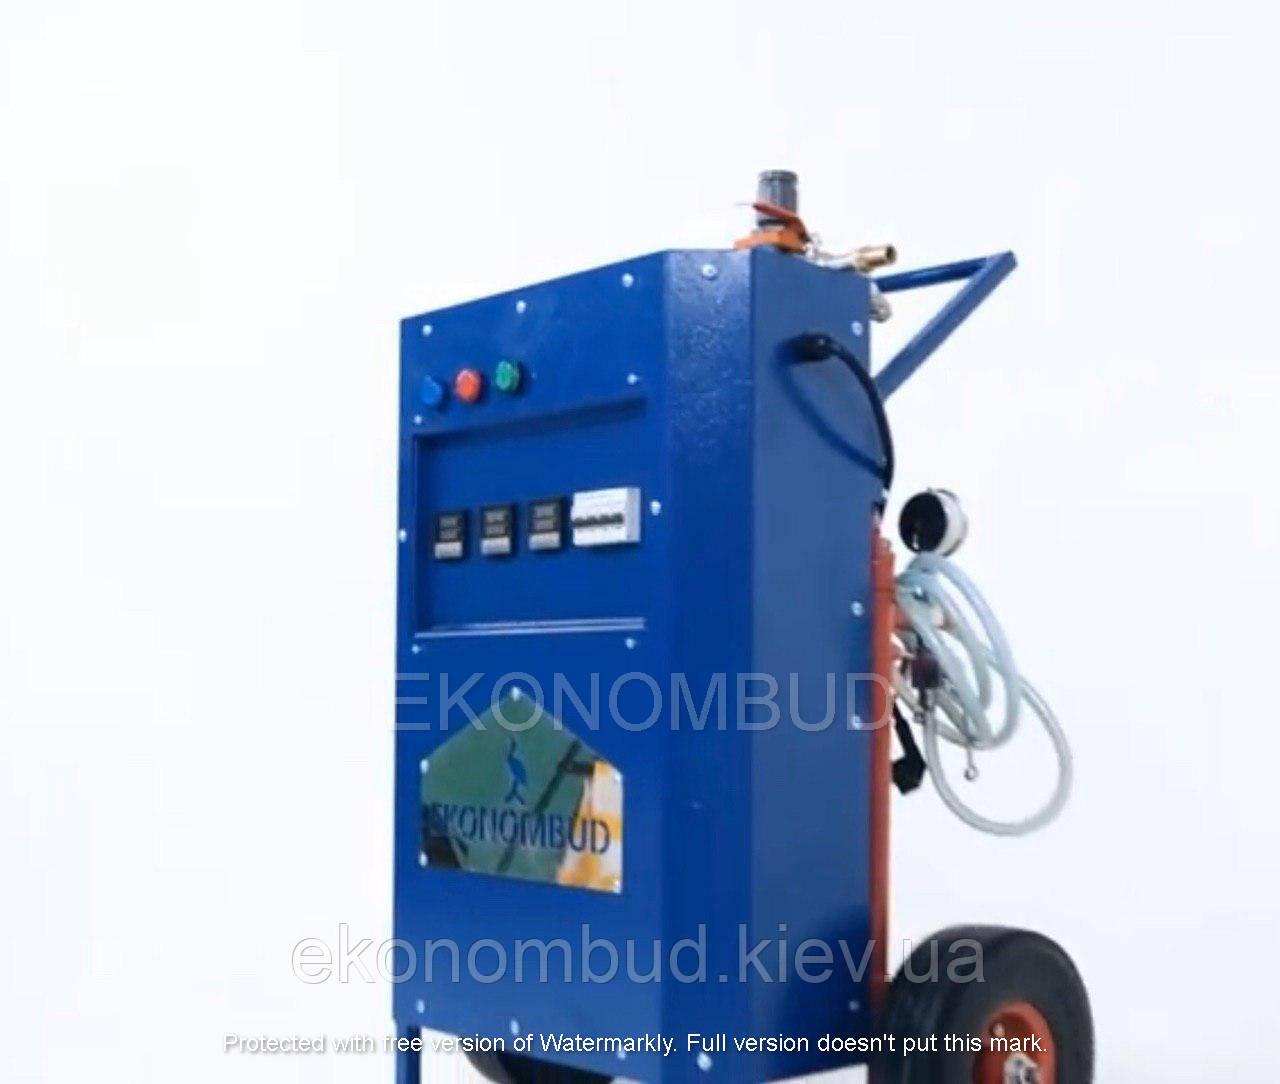 ХИТ2020! Установка для ППУ | Оборудование для напыления/заливки пенополиуретана S5000